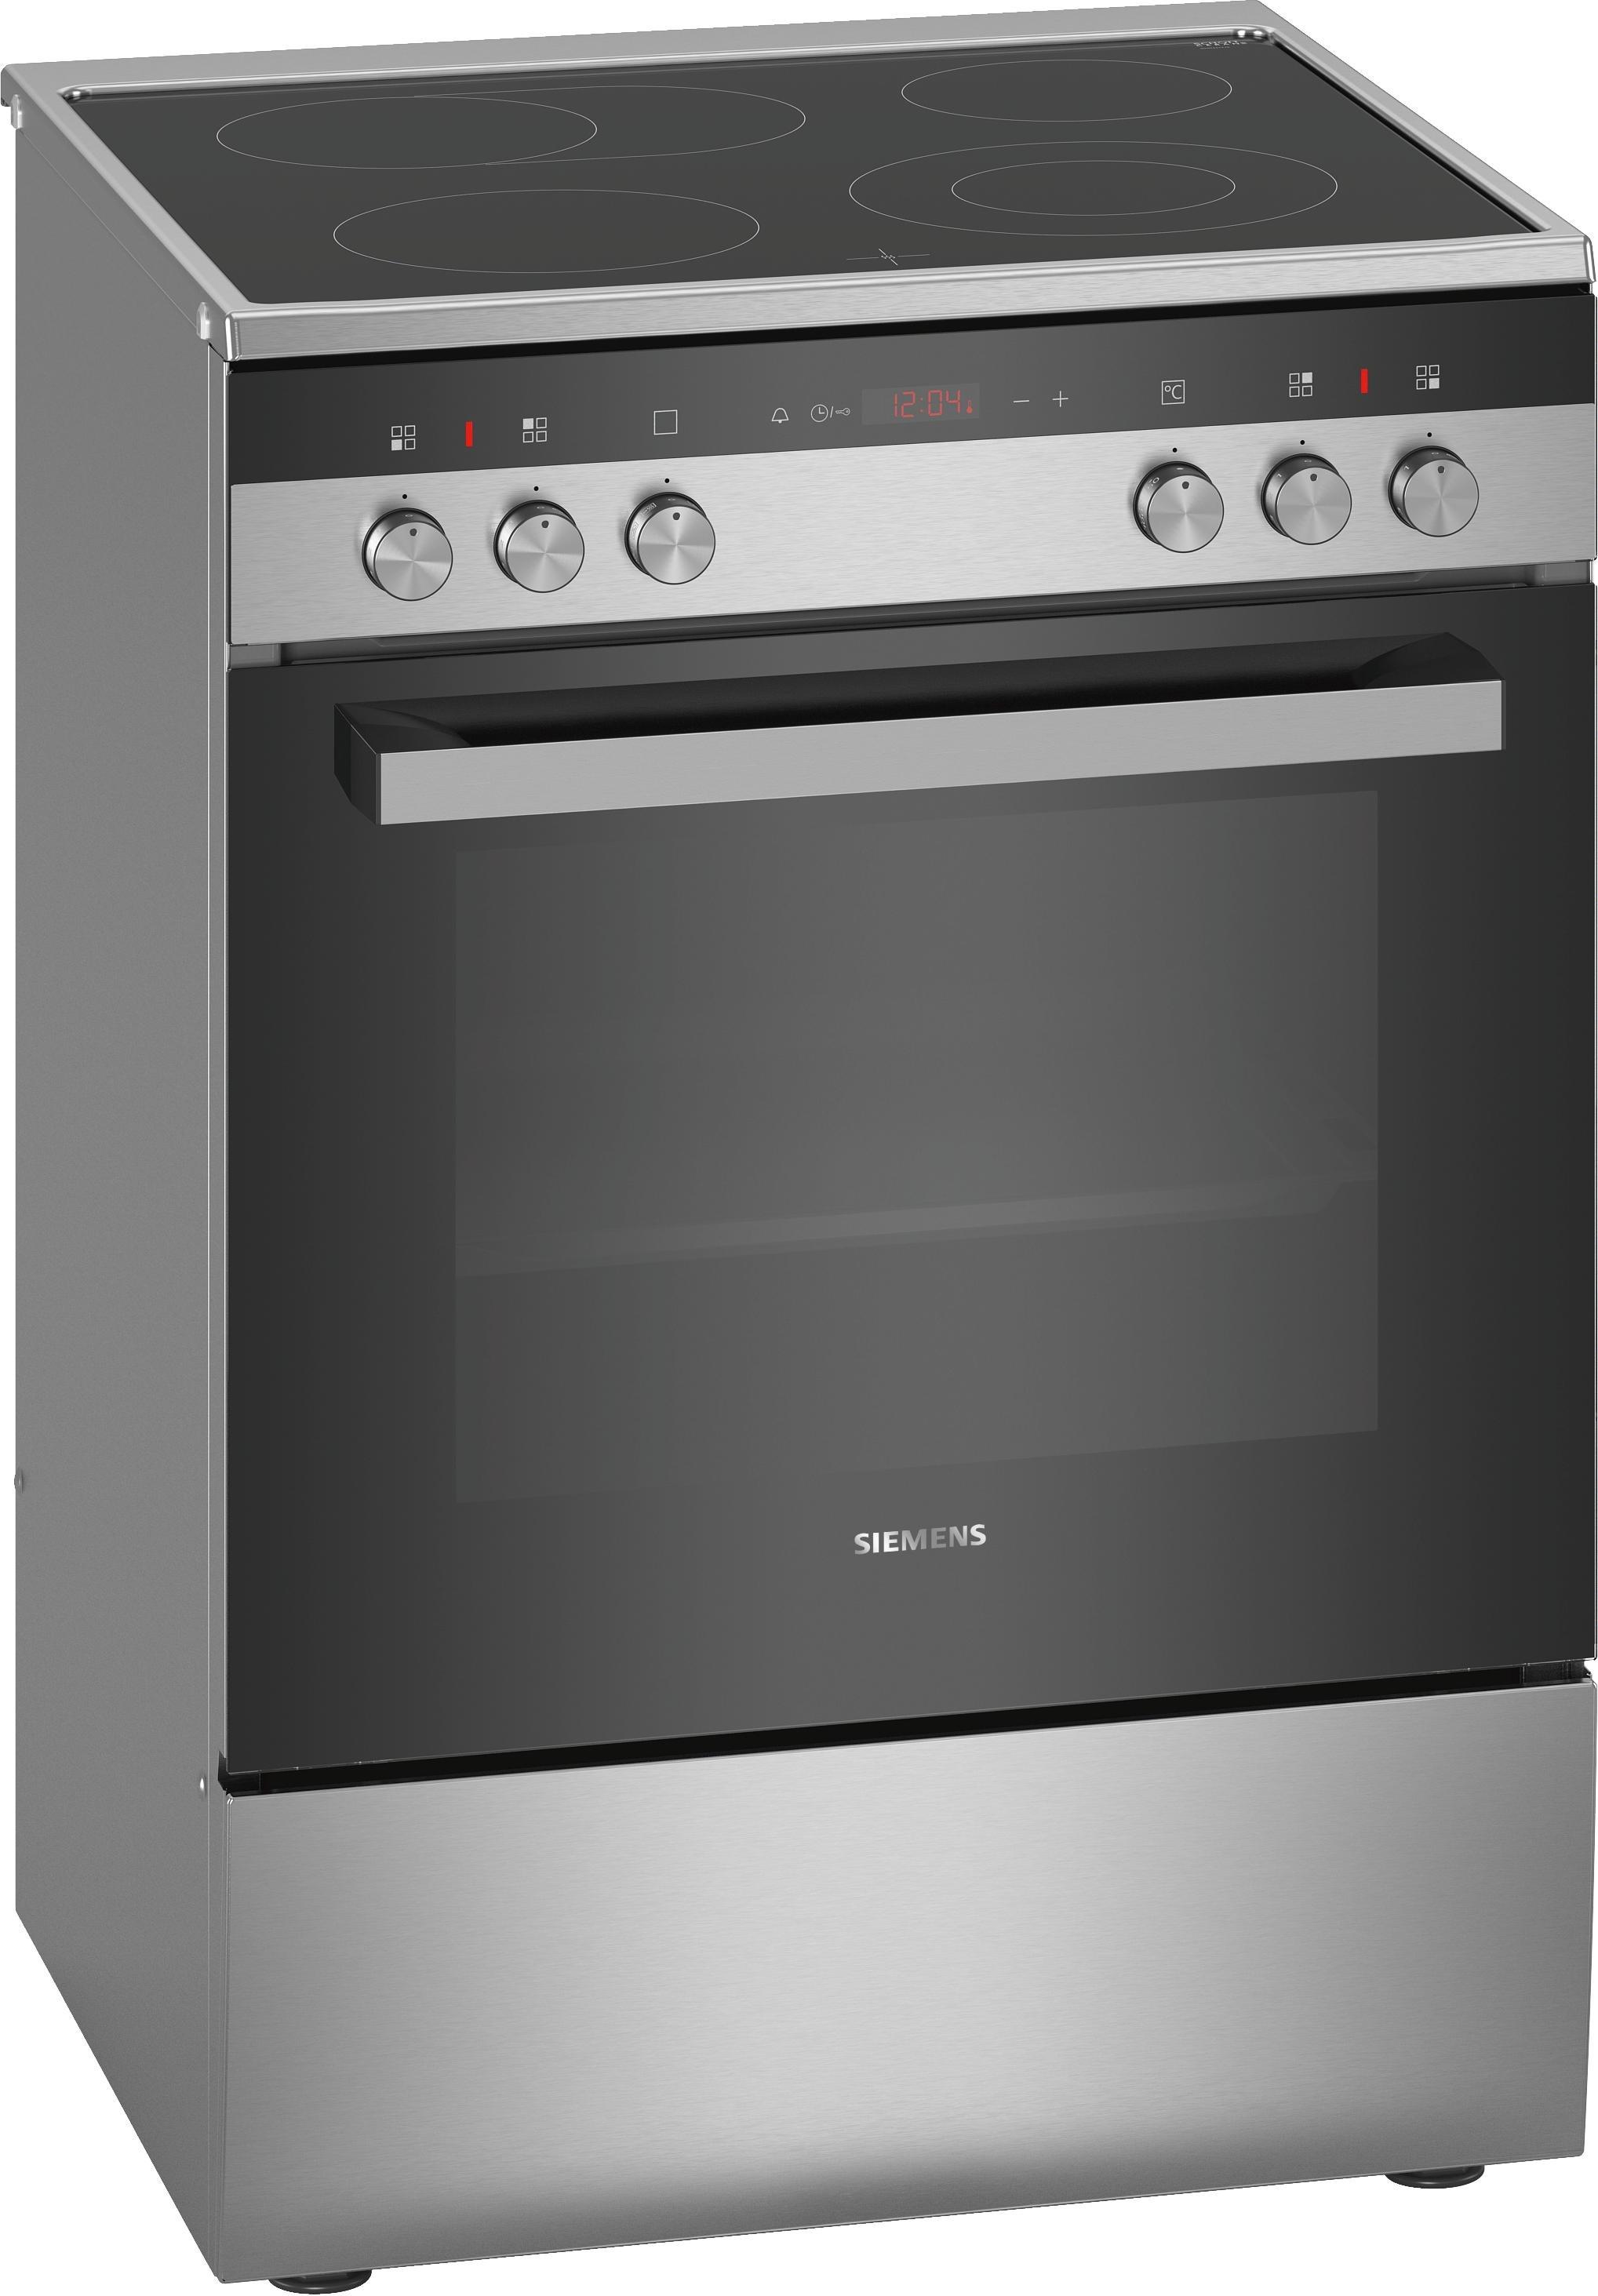 Siemens keramisch fornuis HK9R3A250 rvs